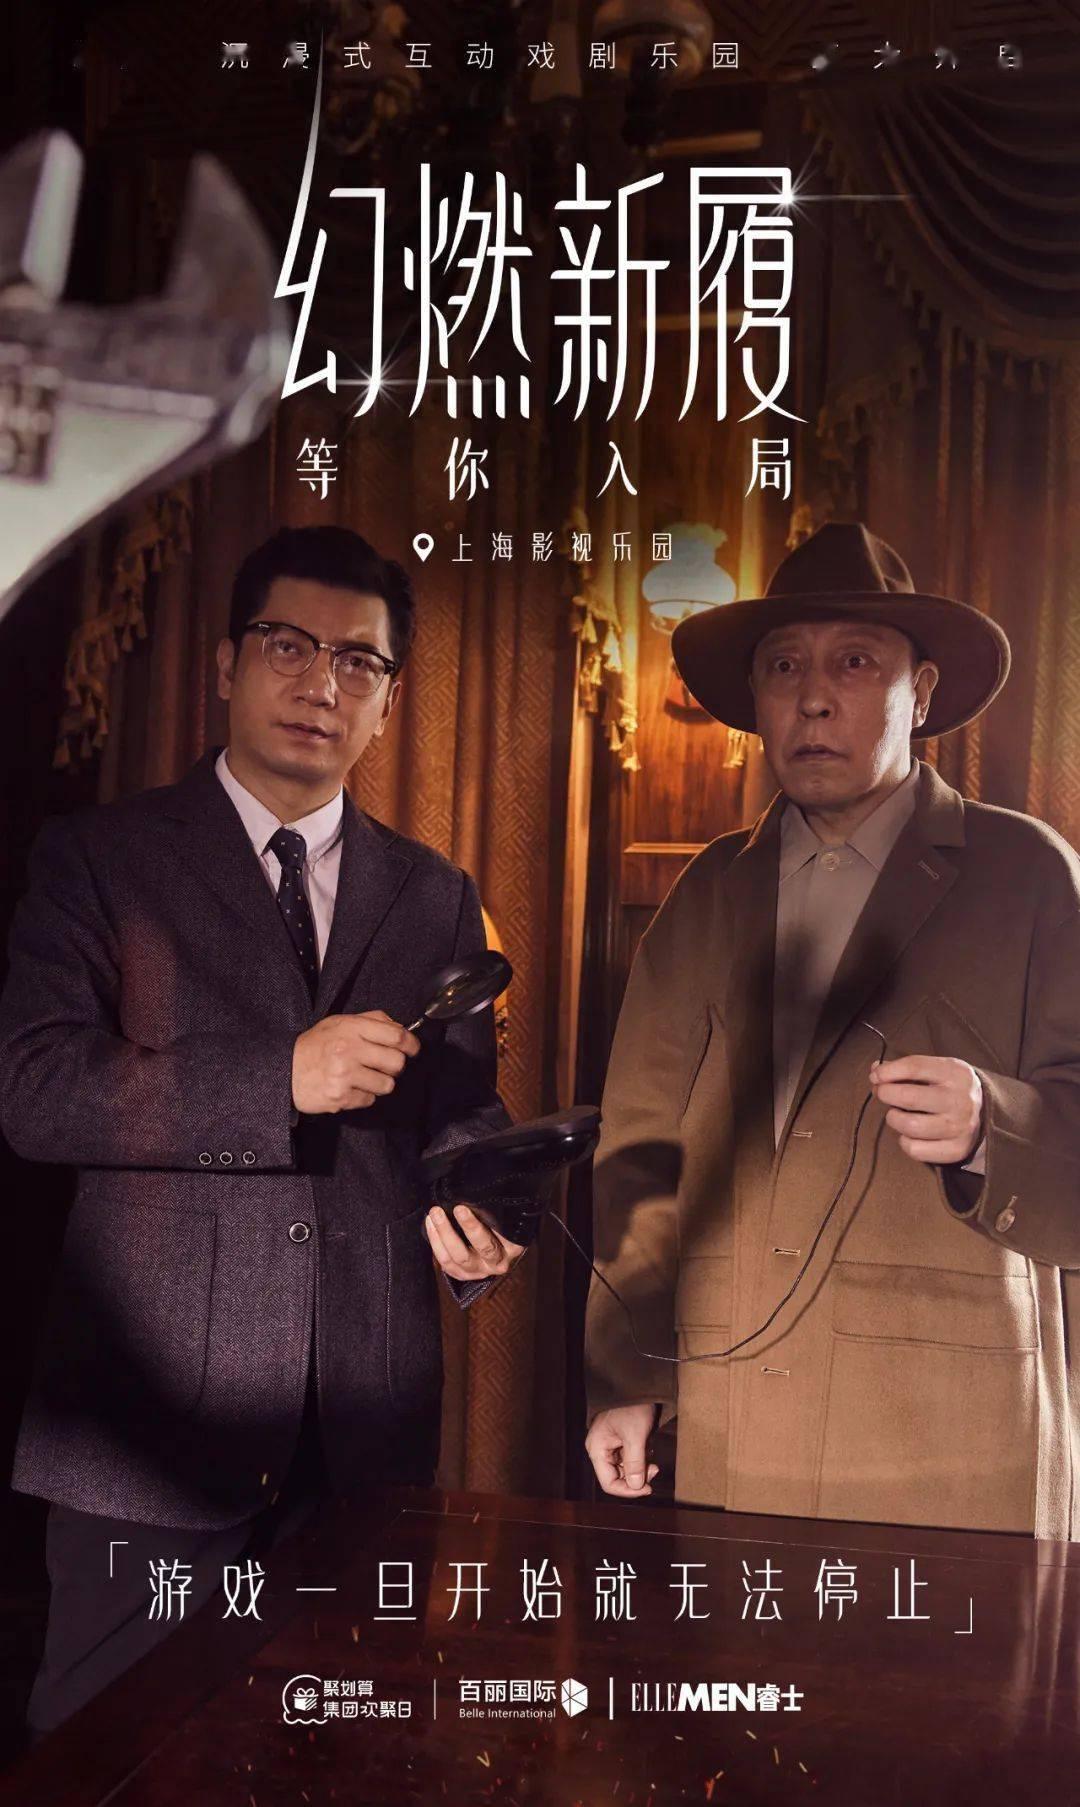 """老戏骨打卡的沉浸式互动戏剧乐园,竟是""""中国鞋王""""开的?"""